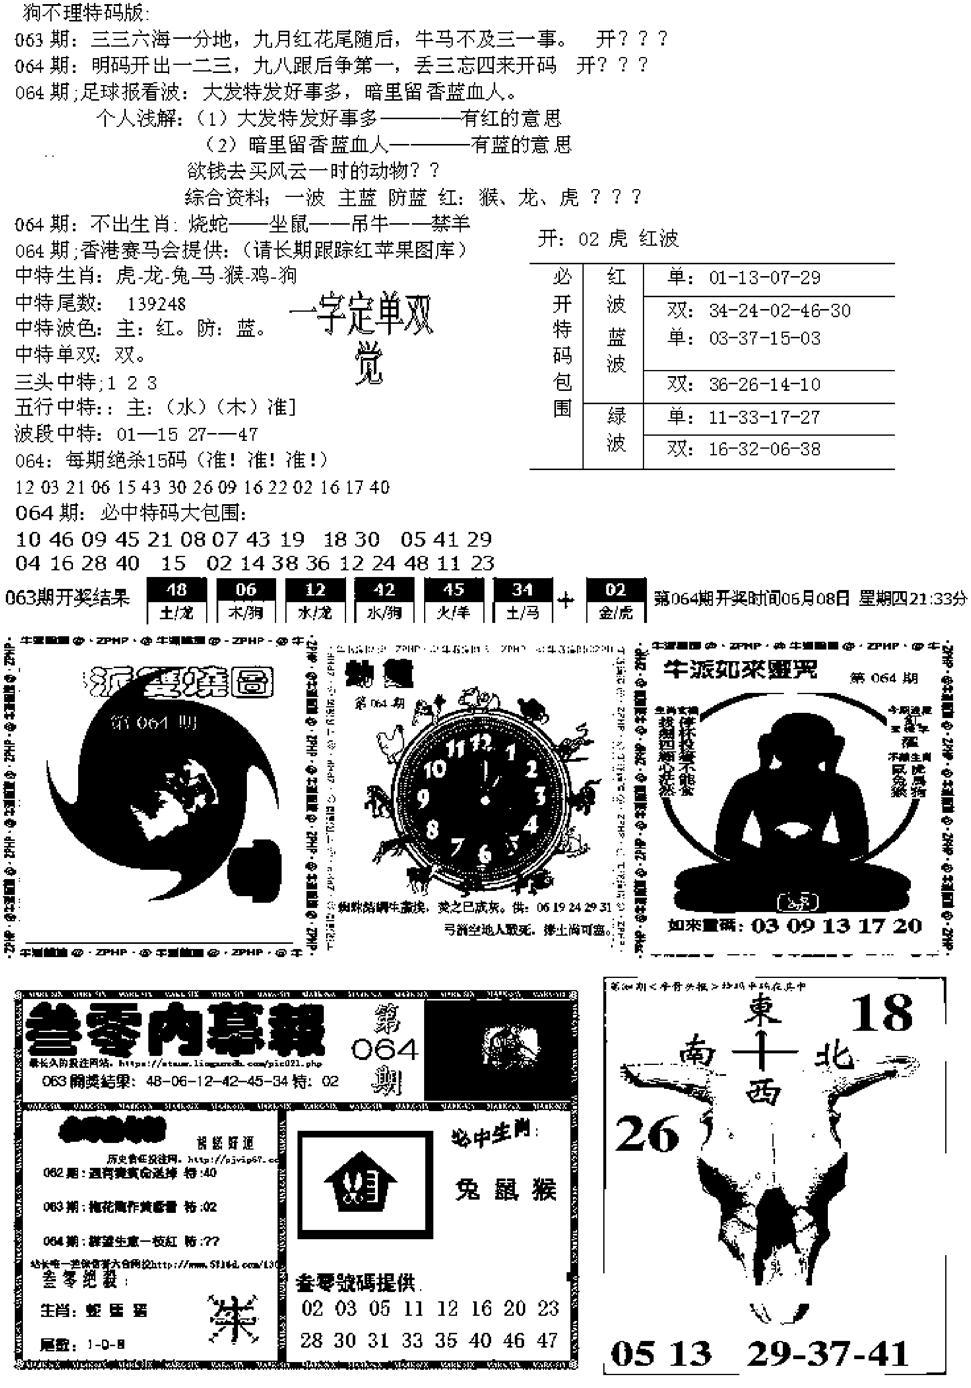 064期五鬼正宗久合儋料B(黑白)